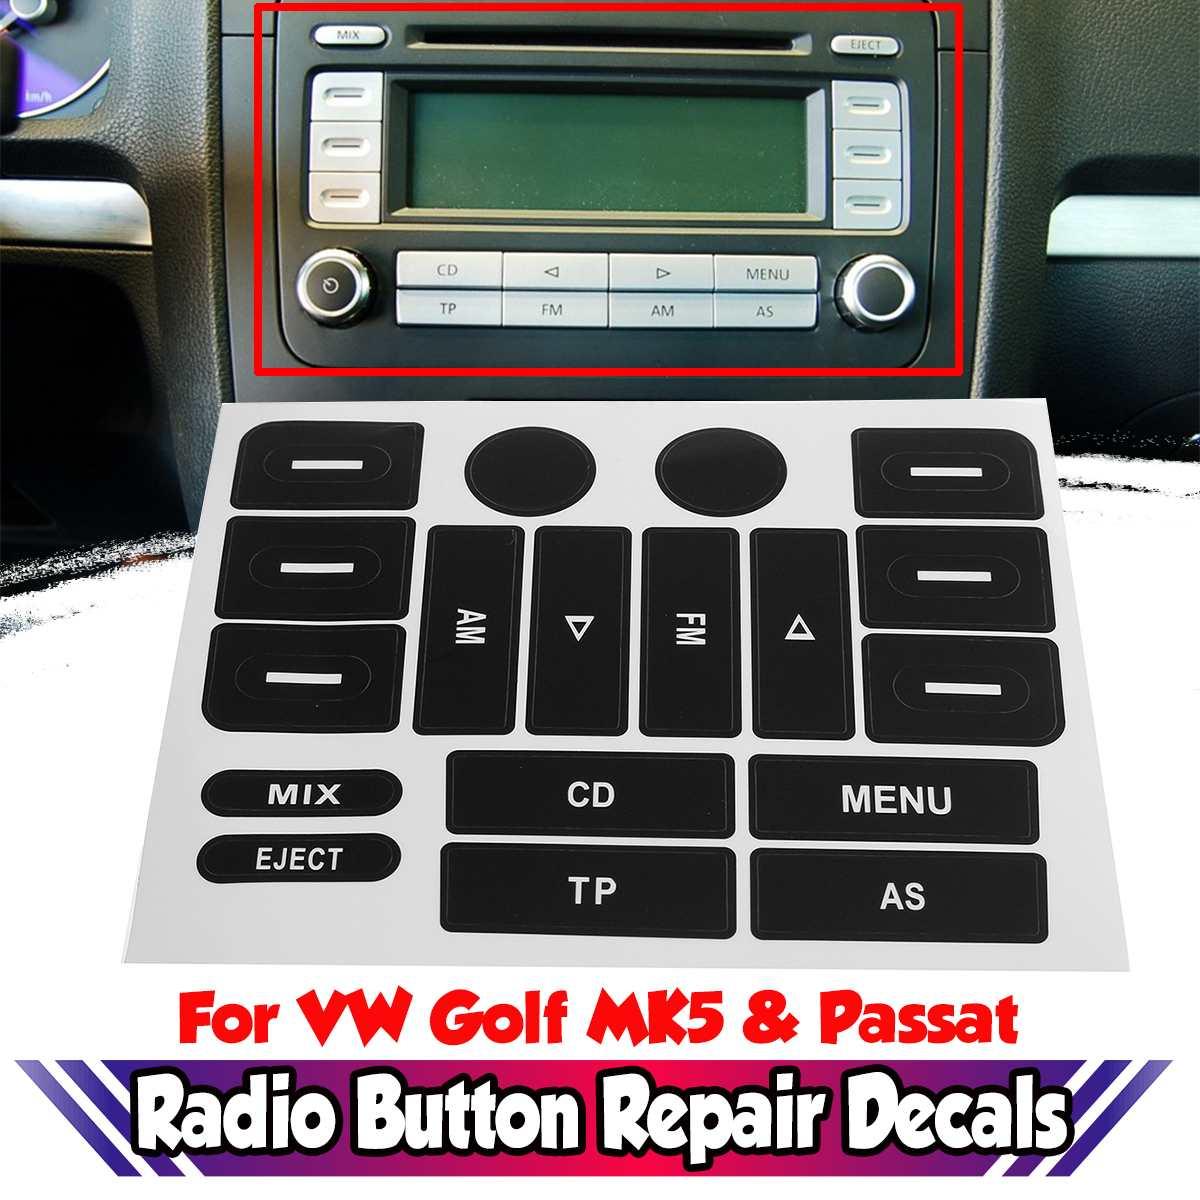 Новые наклейки для ремонта кнопки радио MK5, наклейки для ремонта автомобильных кнопок FM радио, наклейки для ремонта, новые наклейки для VW для Golf MK5 и для Passat Наклейки на автомобиль      АлиЭкспресс